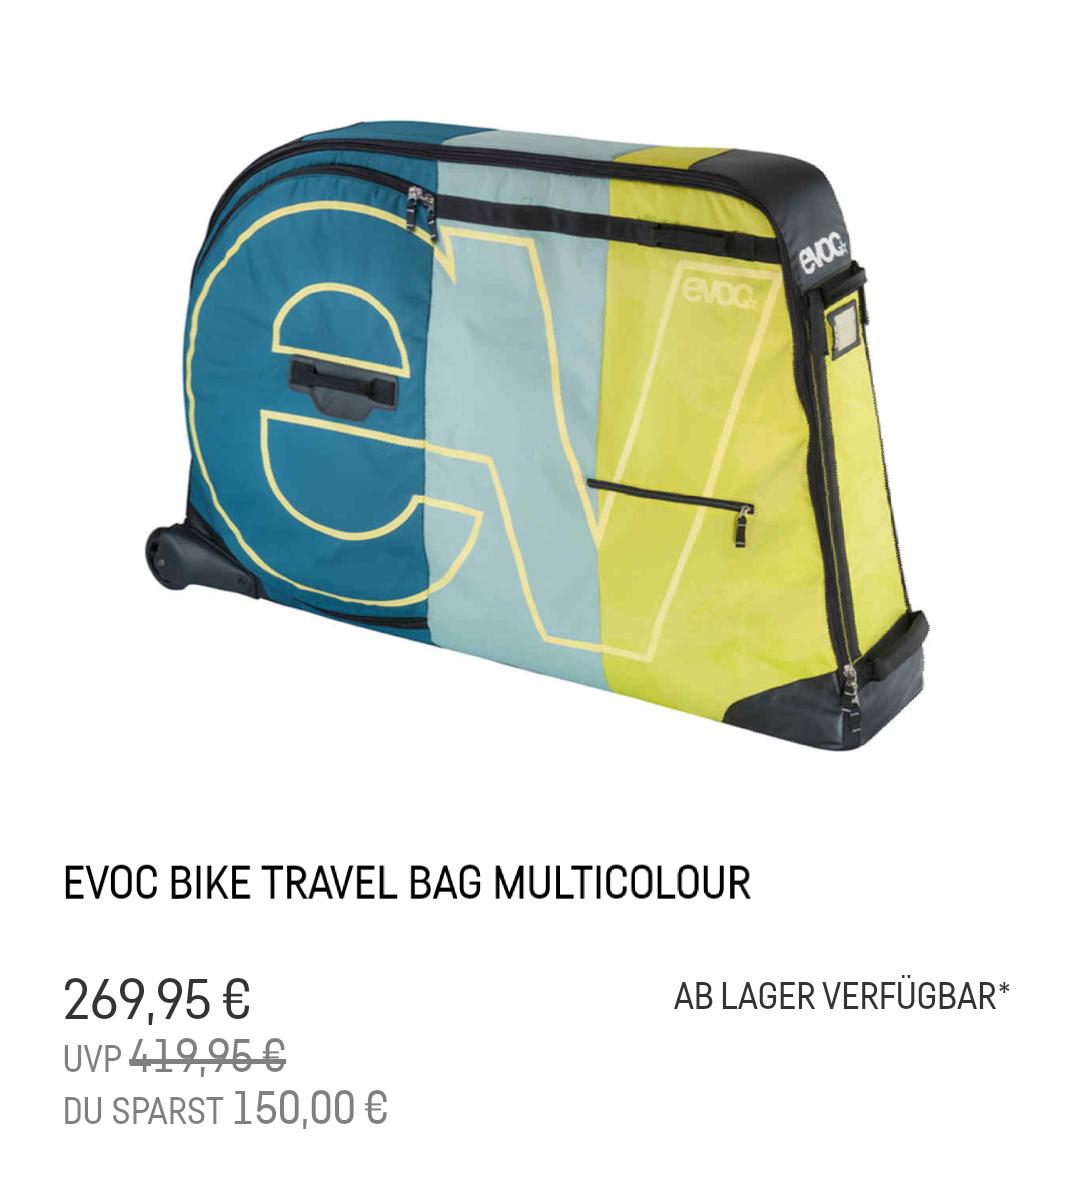 [Canyon] EVOC Bike Travel Bag Multicolour Fahrradtasche